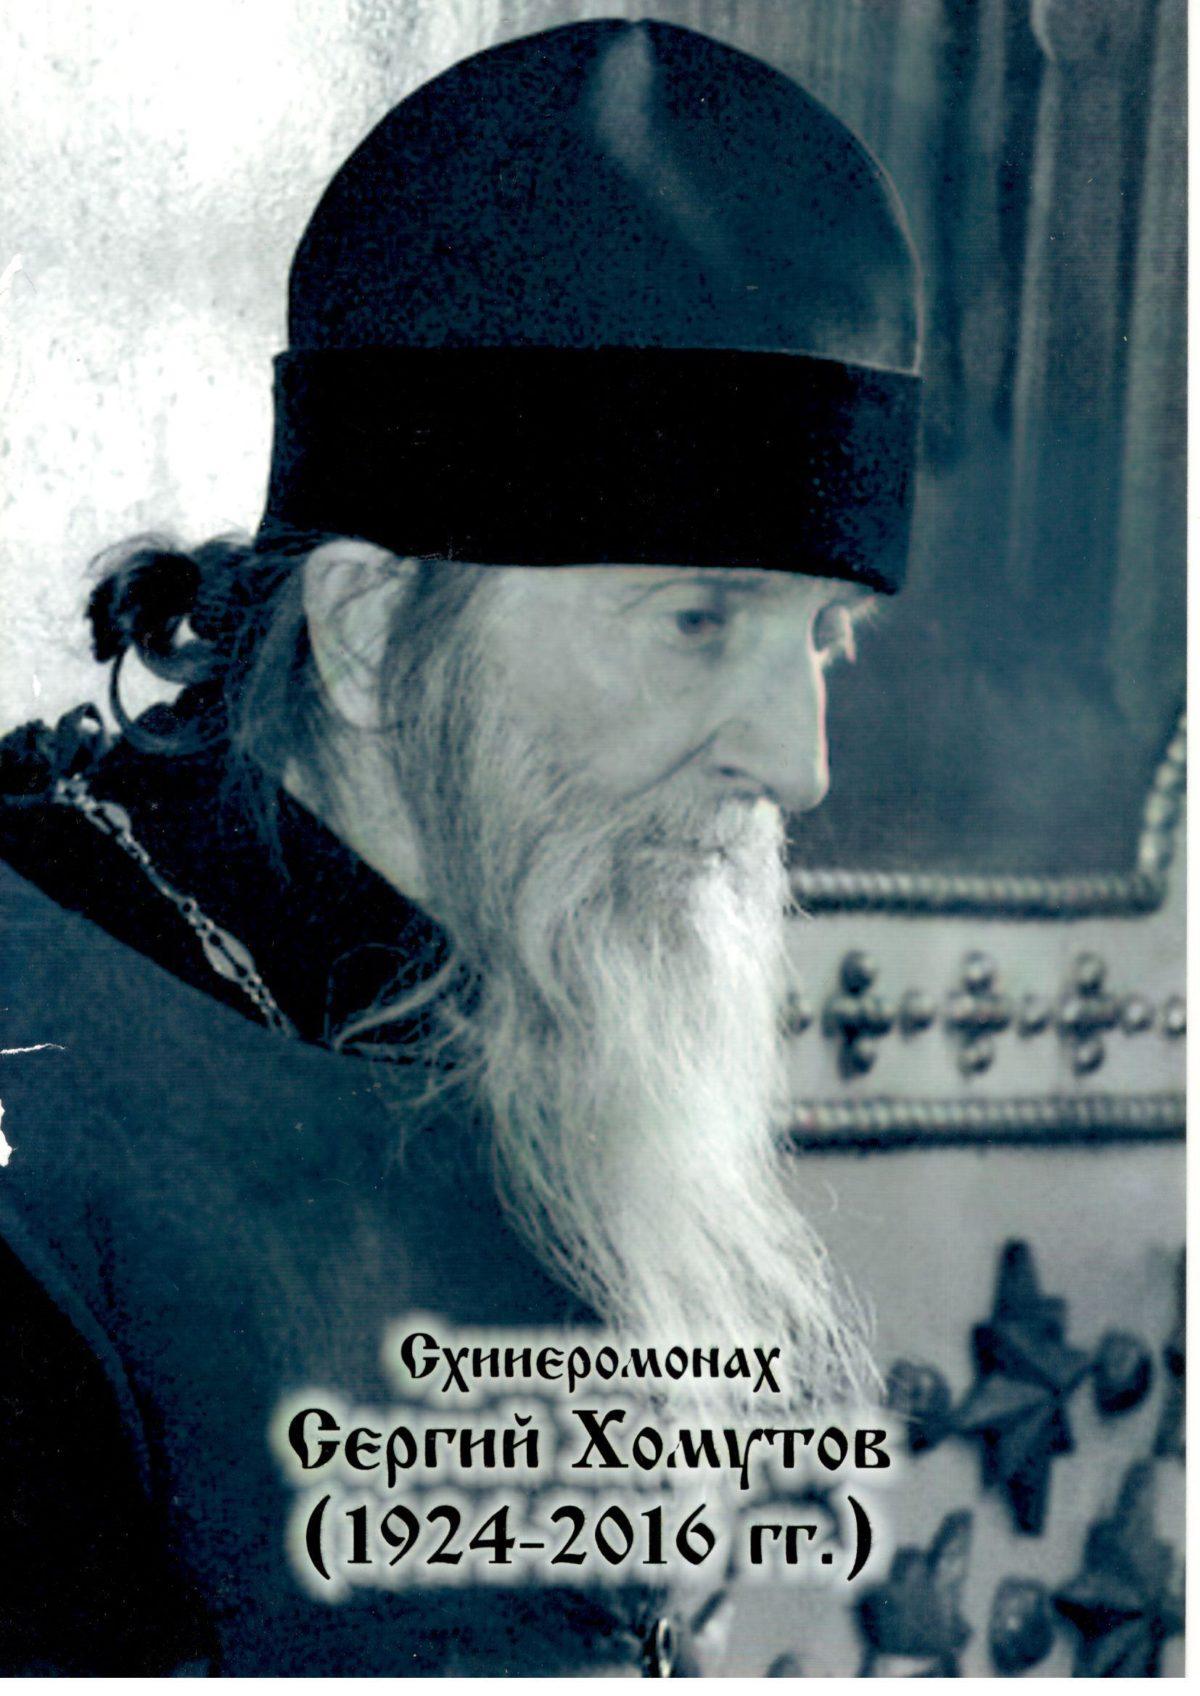 Схииеромонах Сергий Хомутов